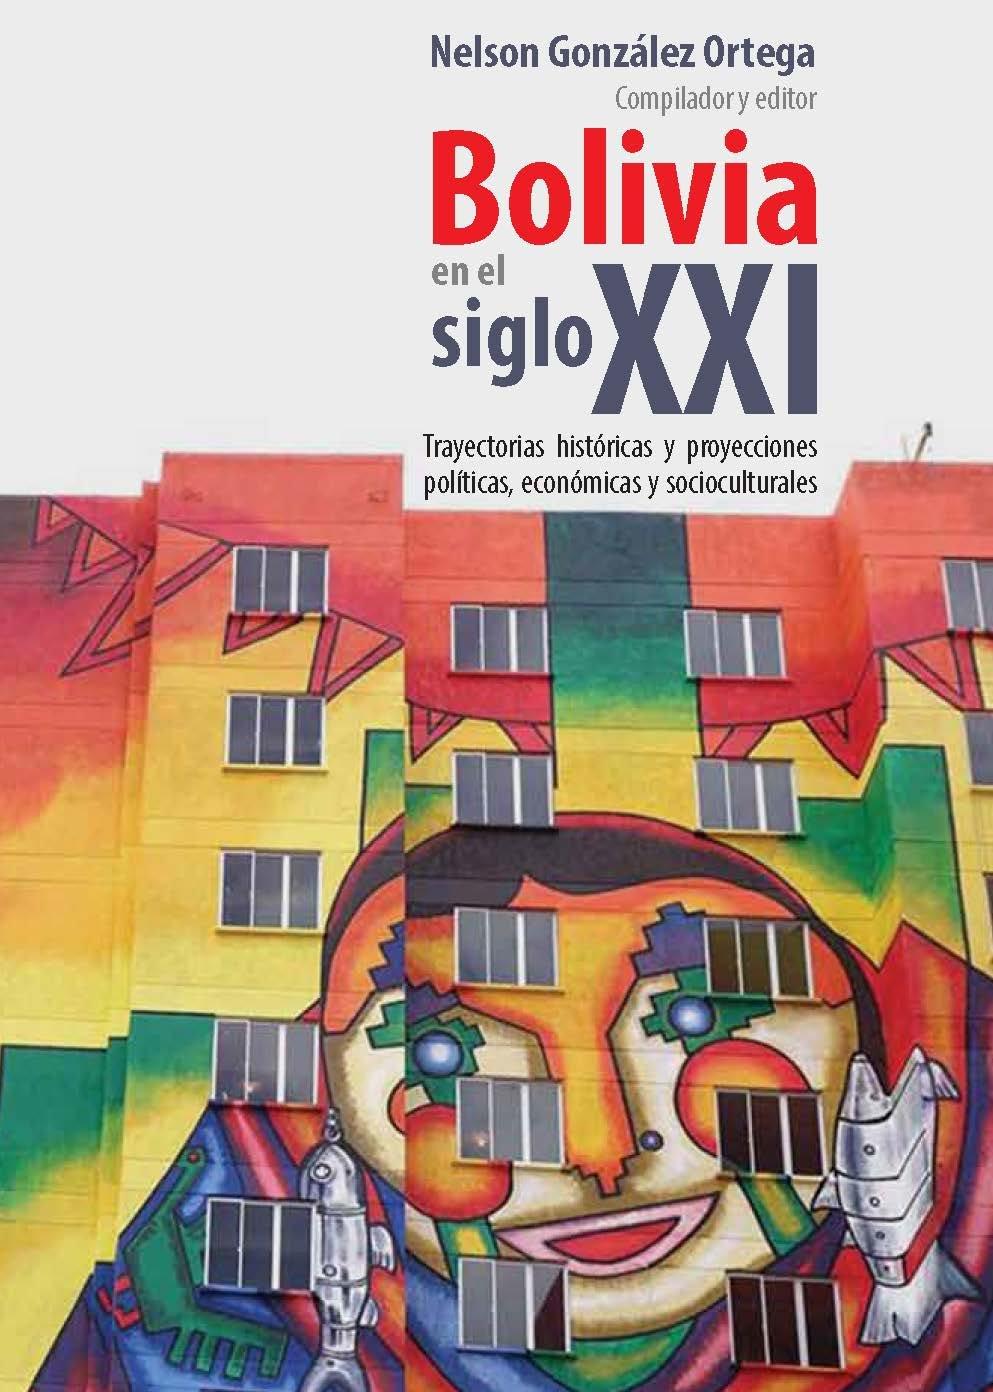 Bolivia en el siglo XXI : trayectorias históricas y proyecciones políticas, económicas y socioculturales: Amazon.es: Nelson González Ortega (compilador y ...